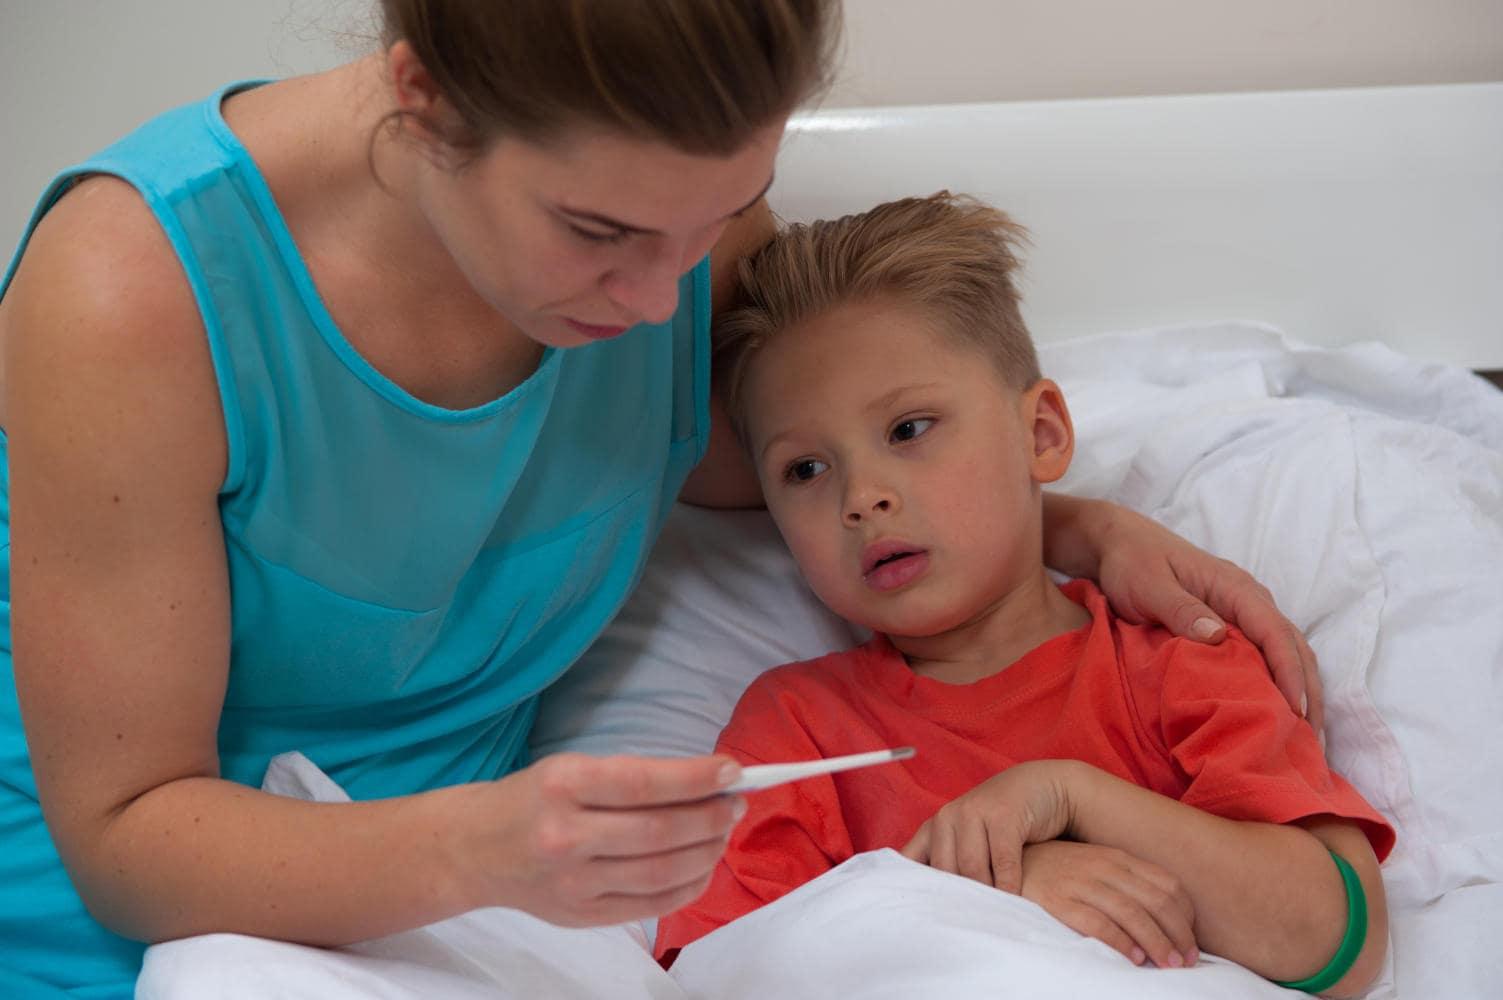 Bambino a letto con la febbre